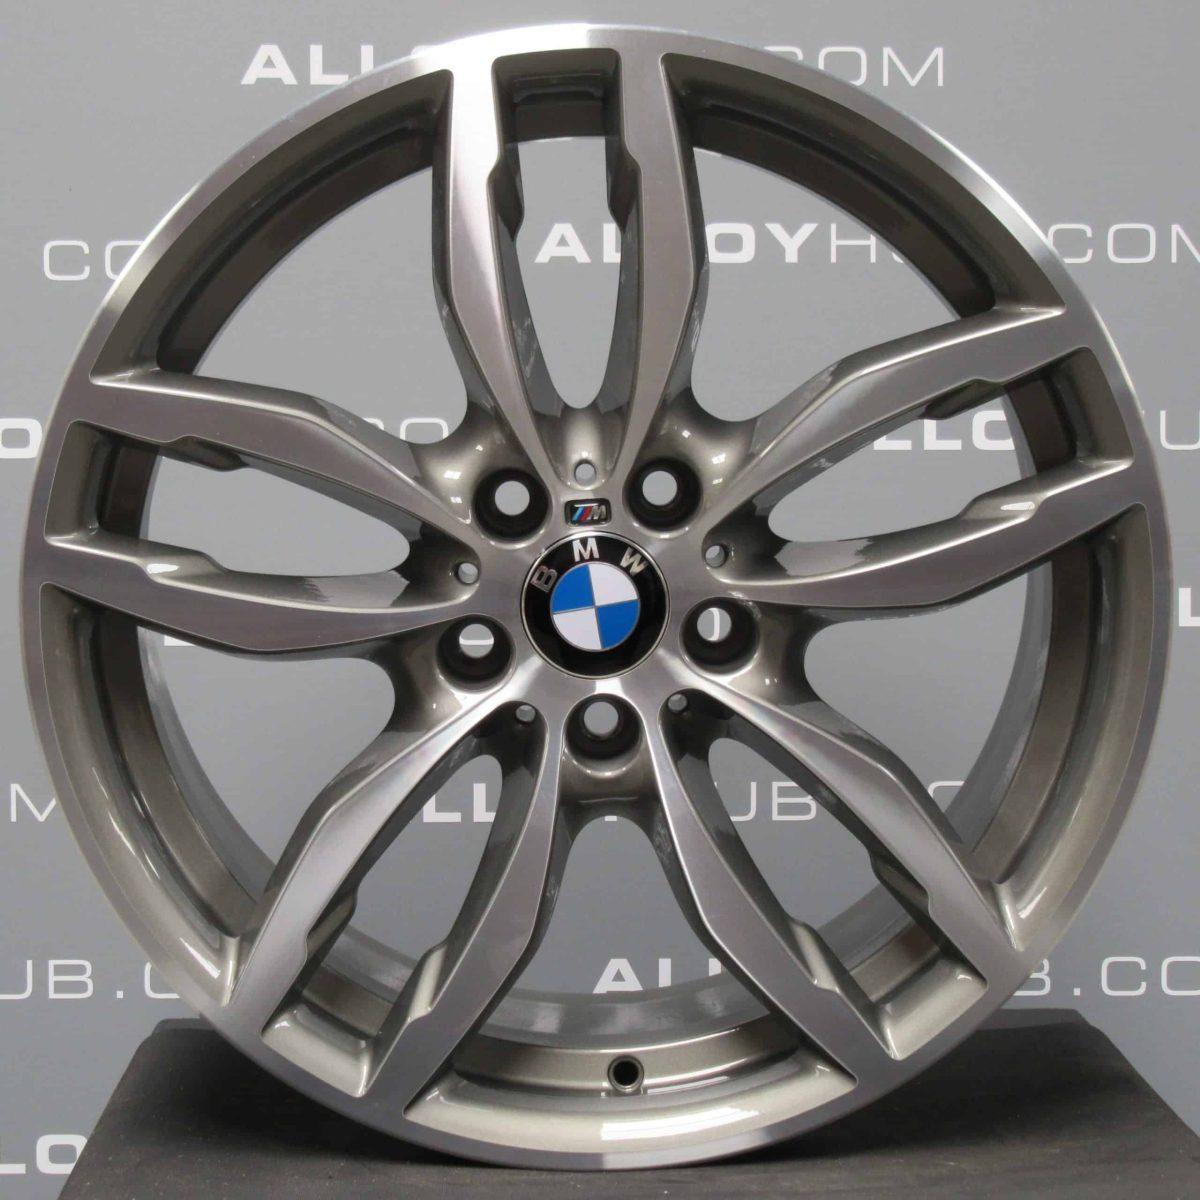 """Genuine BMW X3 X4 F25F26 Style 622M Sport 5 Twin Spoke 19"""" inch Alloy Wheels with Grey & Diamond Turned Finish 36117849661 36117849662"""